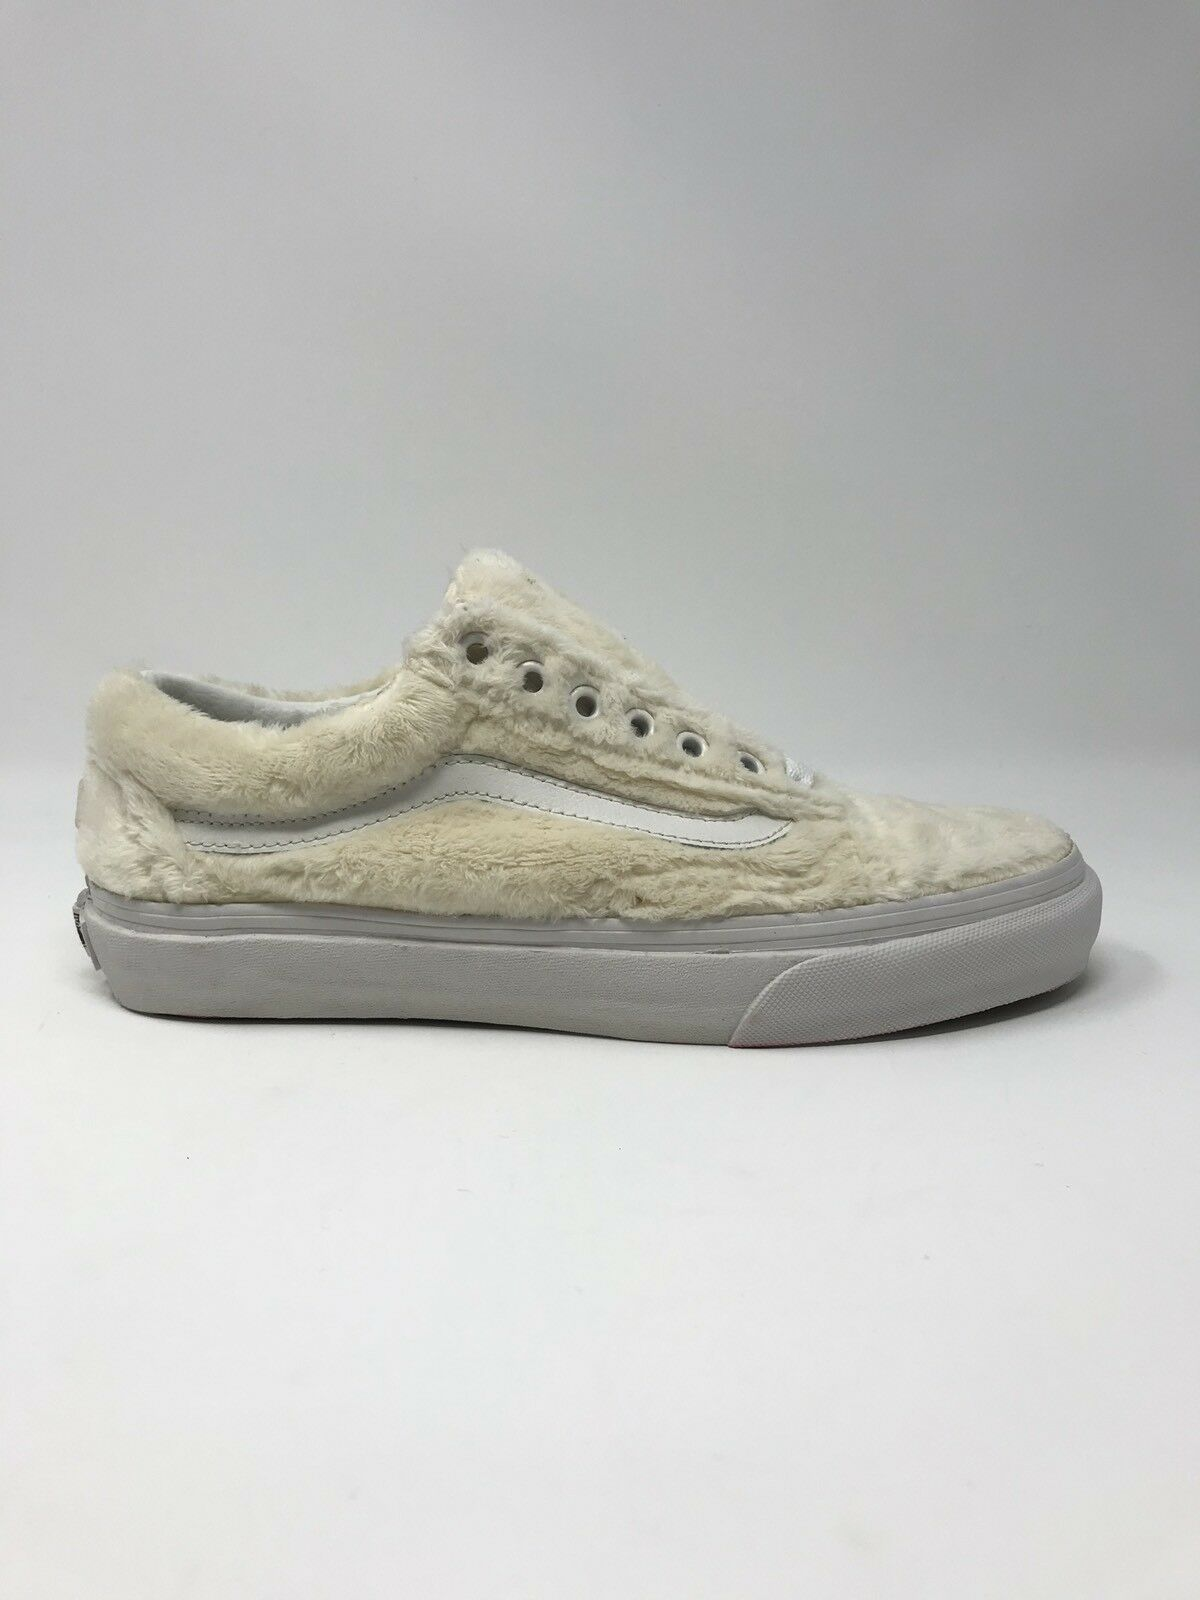 vans patiner old skool sherpa tourterelle blanches est de 9,5 patiner vans chaussures nouvelle fausse fourrure e9c46c